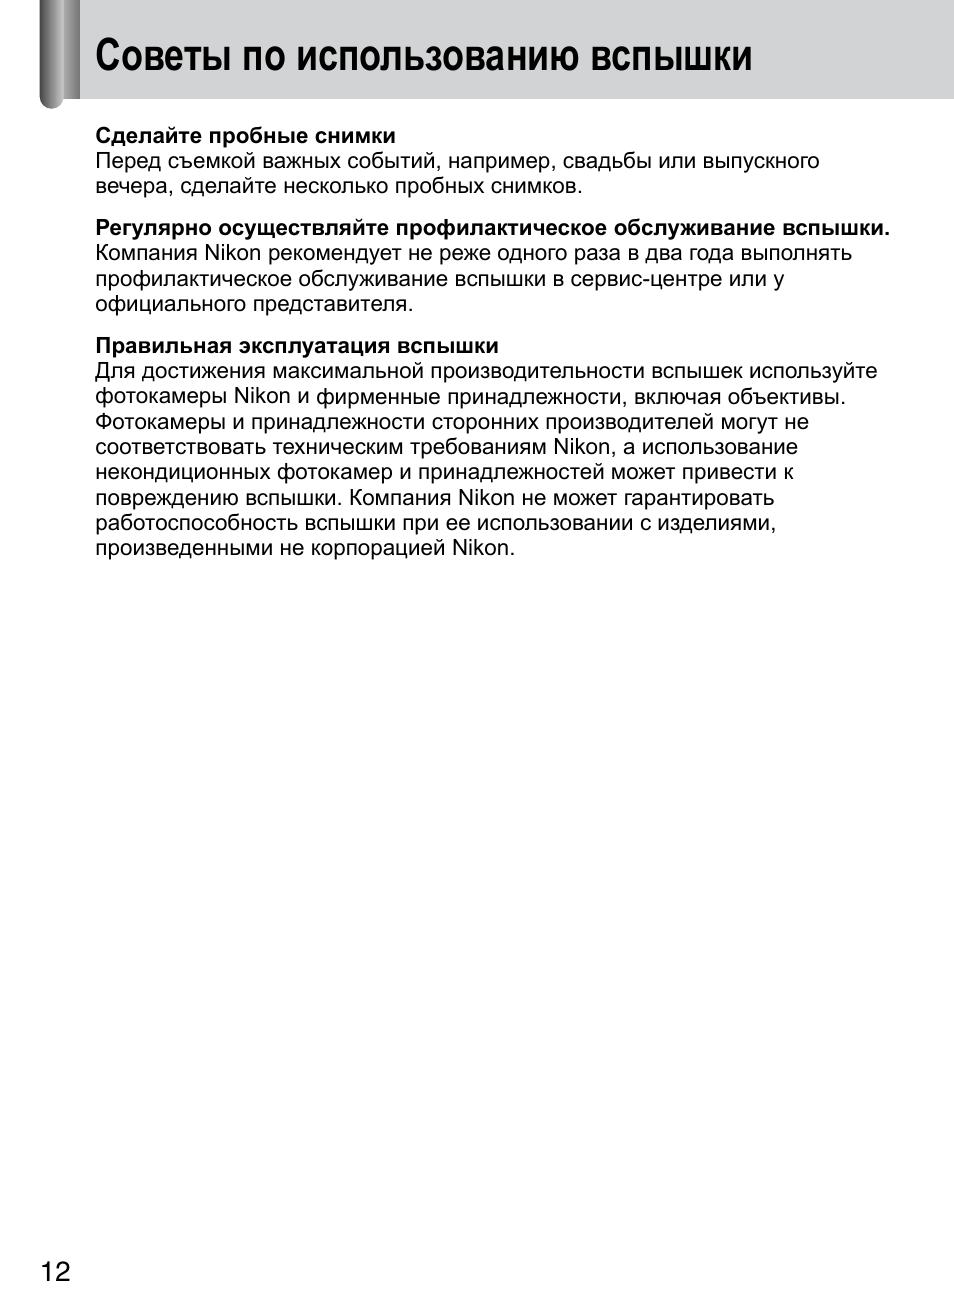 Инструкции к советским фотоаппаратам дневных забот